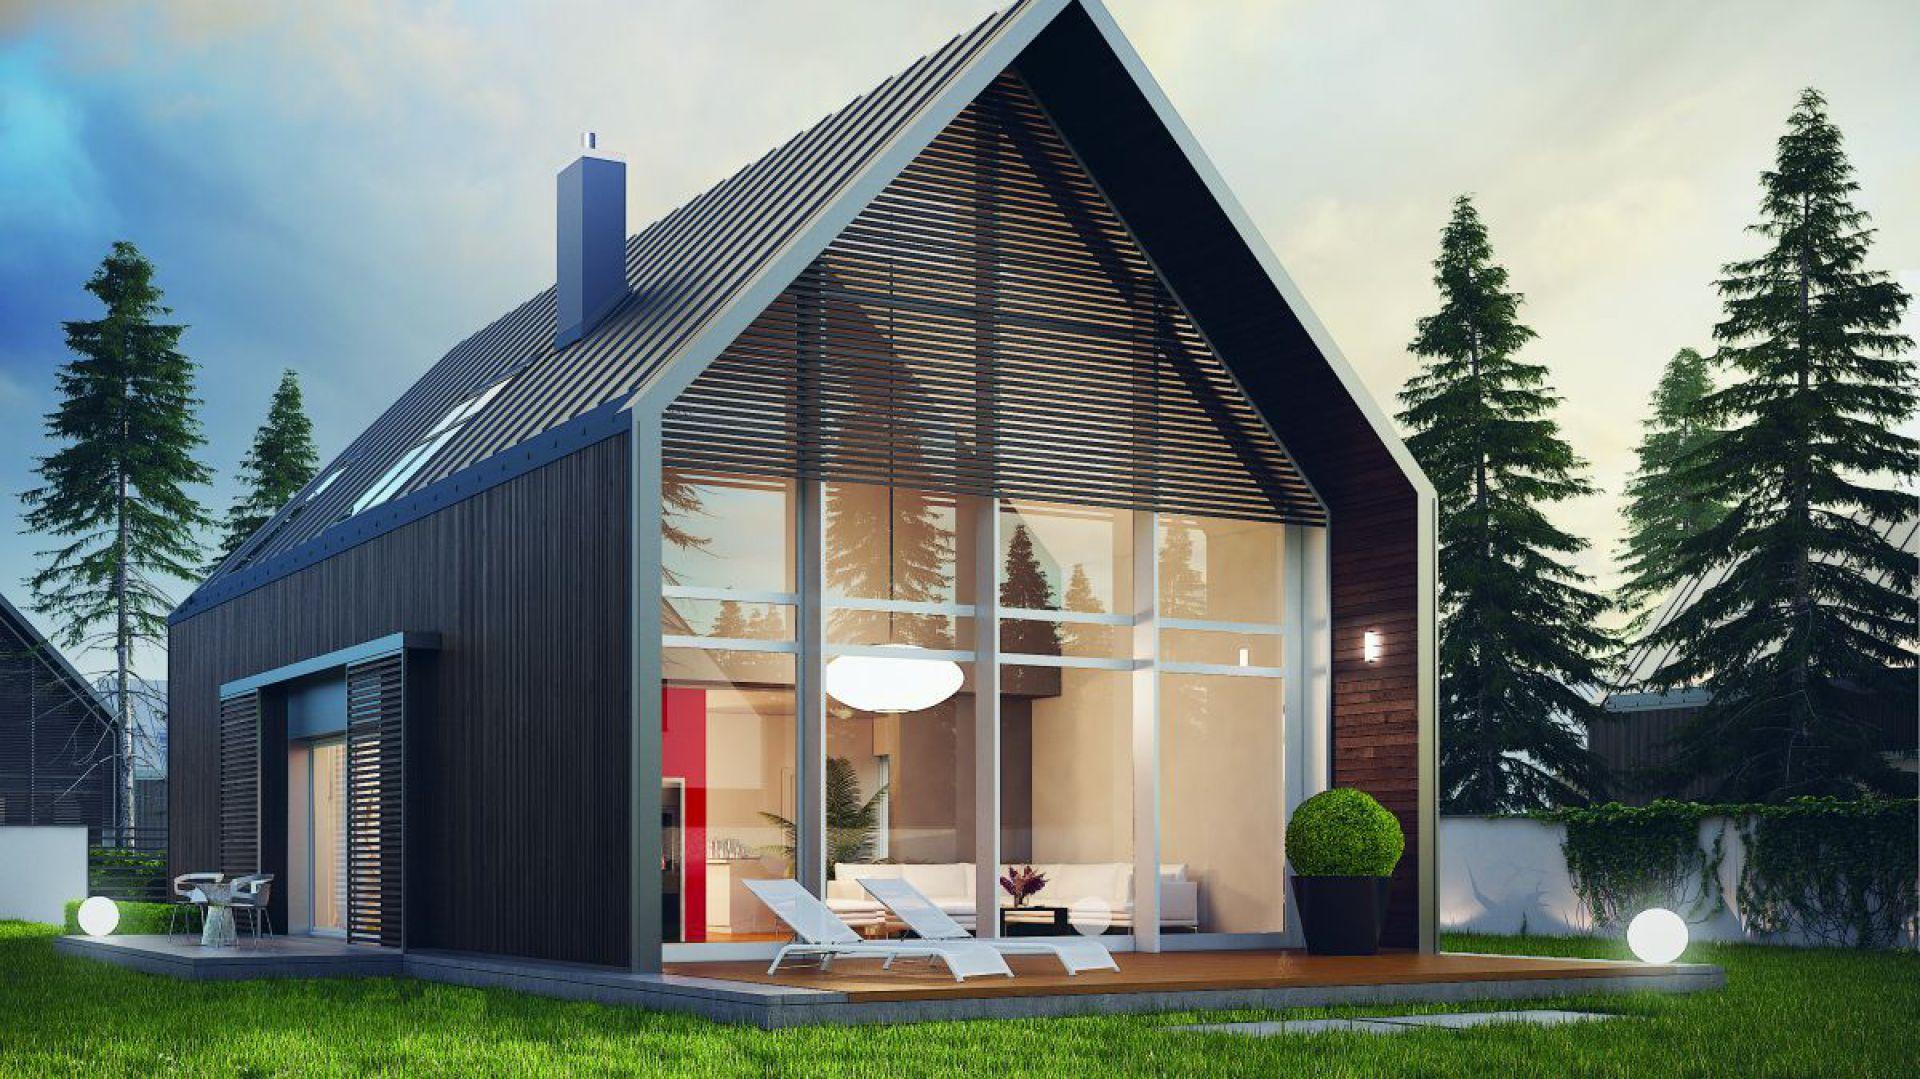 Projekt domu EX 13 to dialog tradycji ze współczesnością. Zwarta forma i prosty kształt domu akcentują związek z klasycznym, wiejskim budownictwem, natomiast nowoczesna elewacja i szerokie przeszklenia prezentują minimalizm typowy dla współczesnej architektury. Fot. Pracownia Projektowa Archipelag